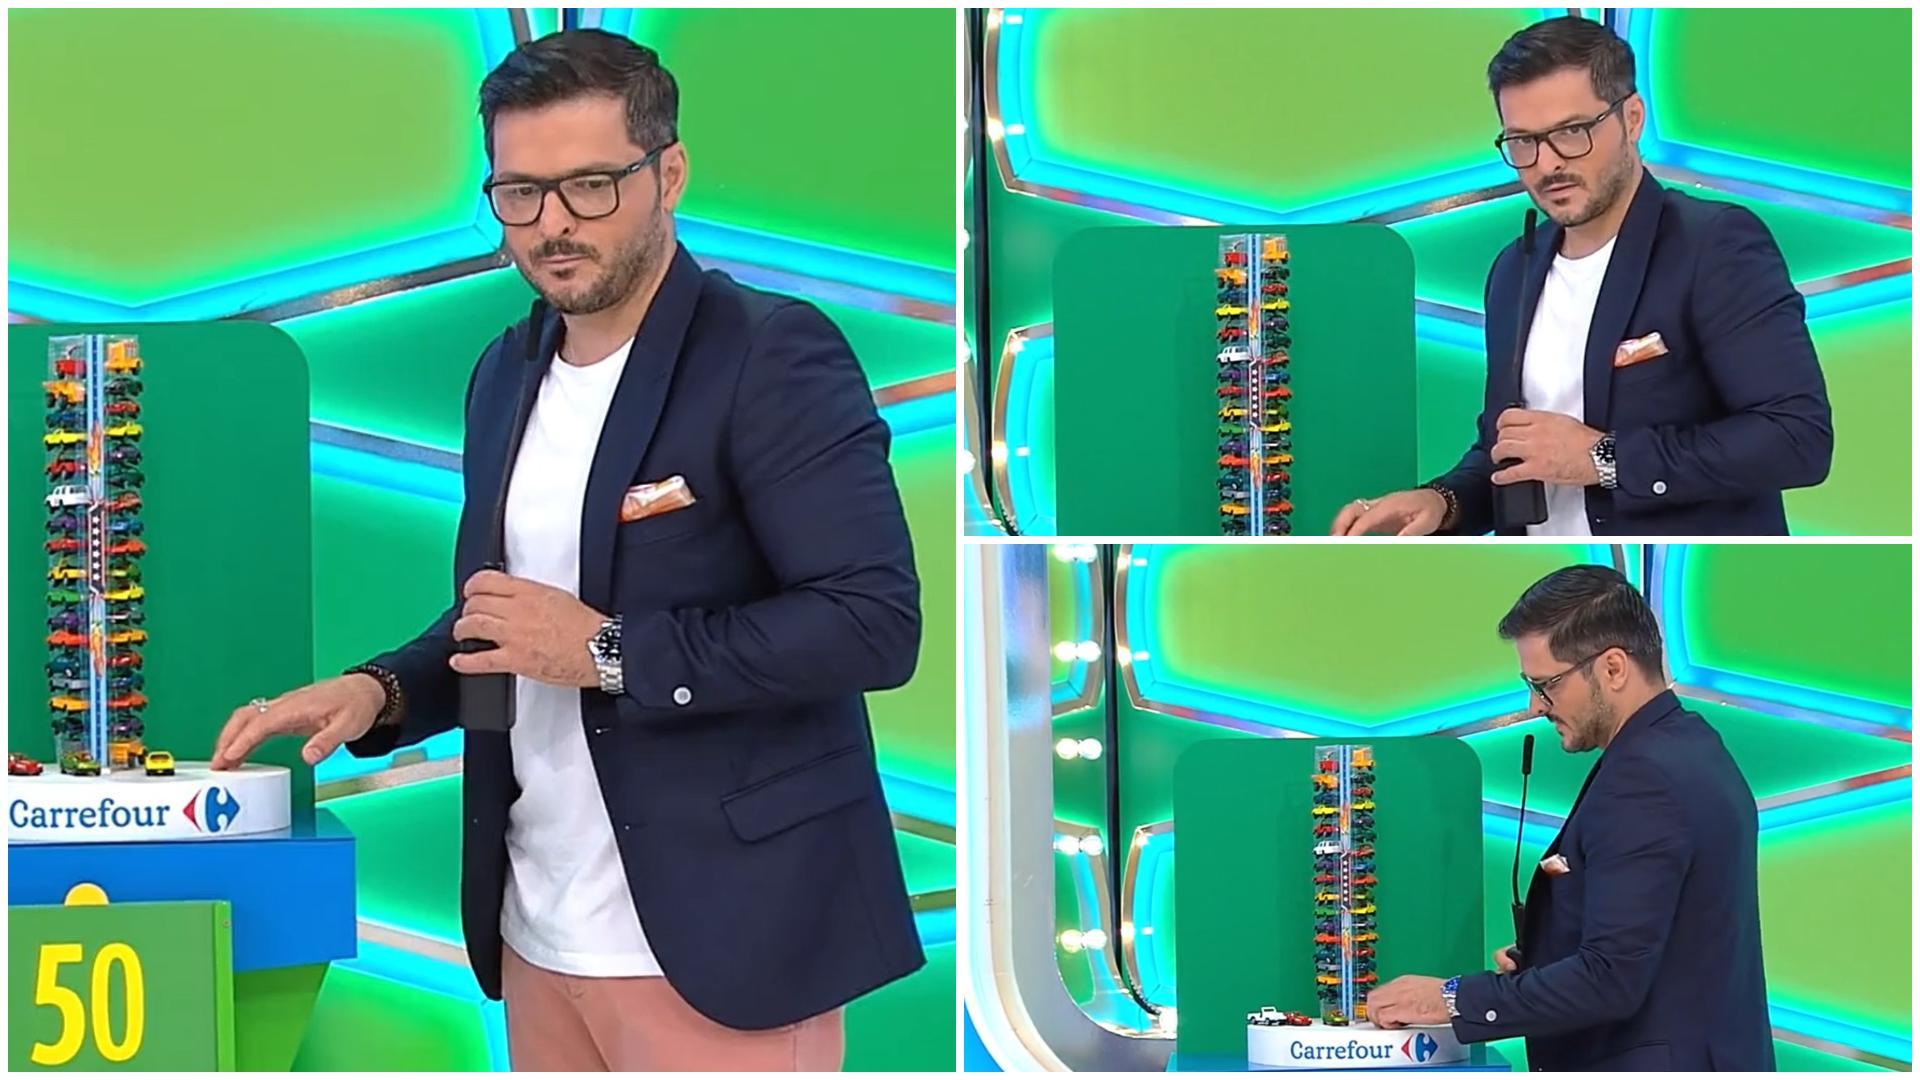 """Prețul cel bun, 28 septembrie 2021. Ce a făcut Liviu Vârciu cu o mașină de jucărie în platoul emisiunii: """"Trebuie să fac asta"""""""